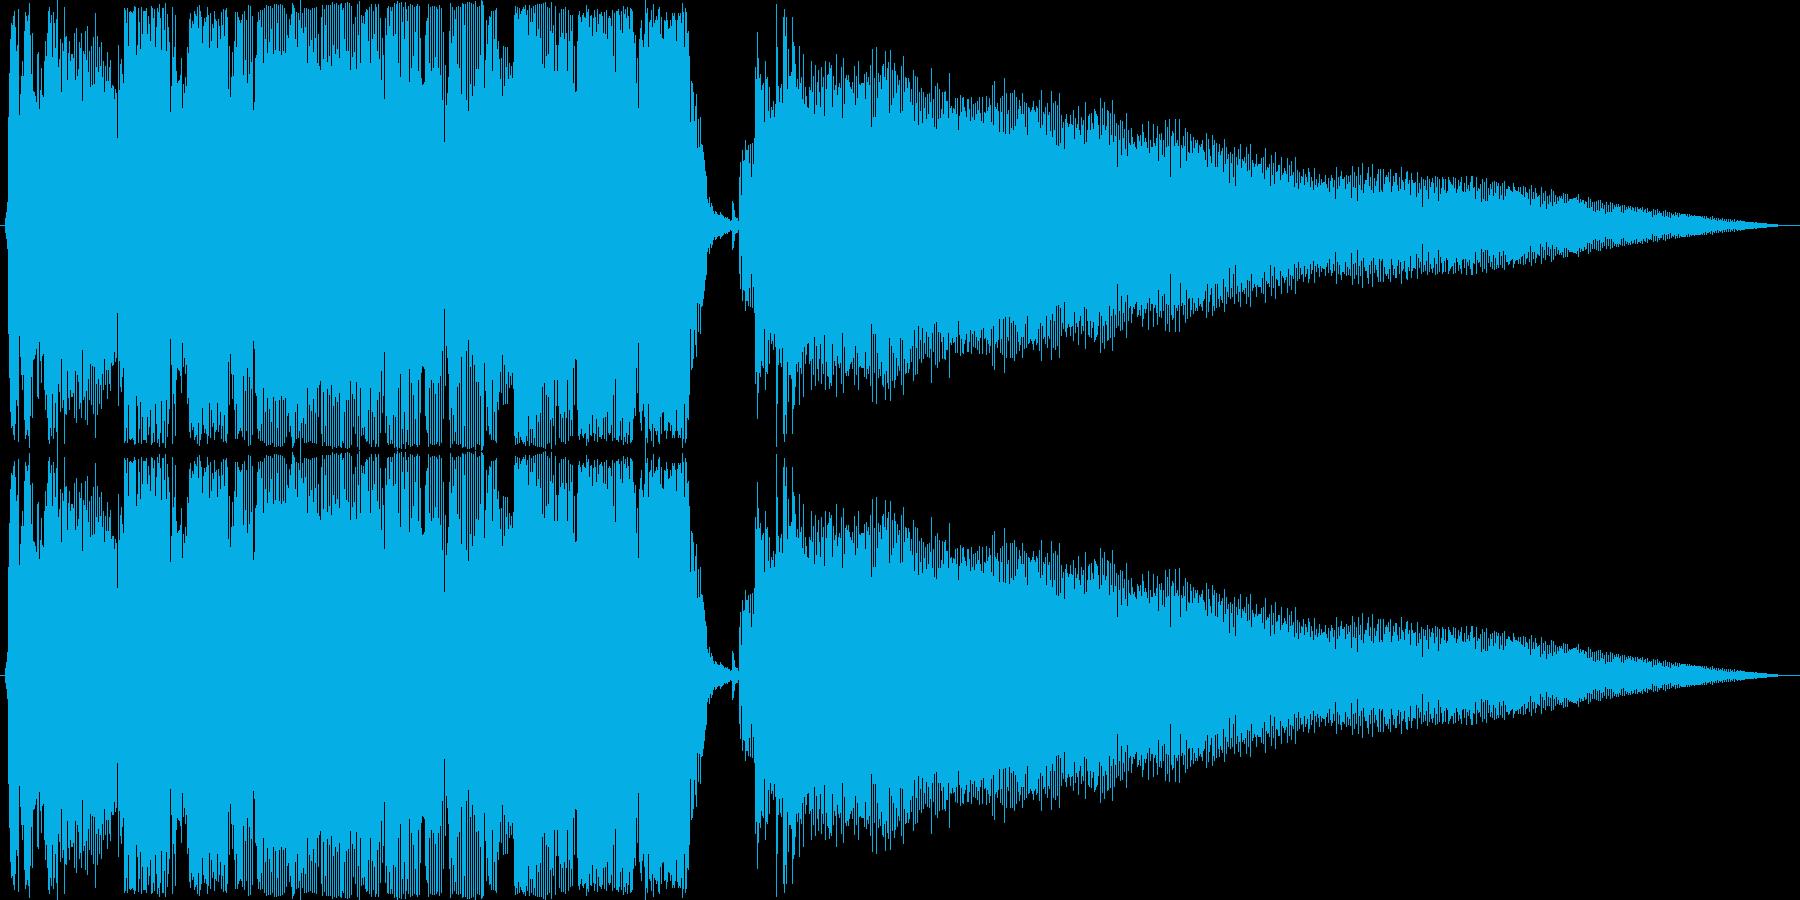 ジングル ロックンロールギターAの再生済みの波形